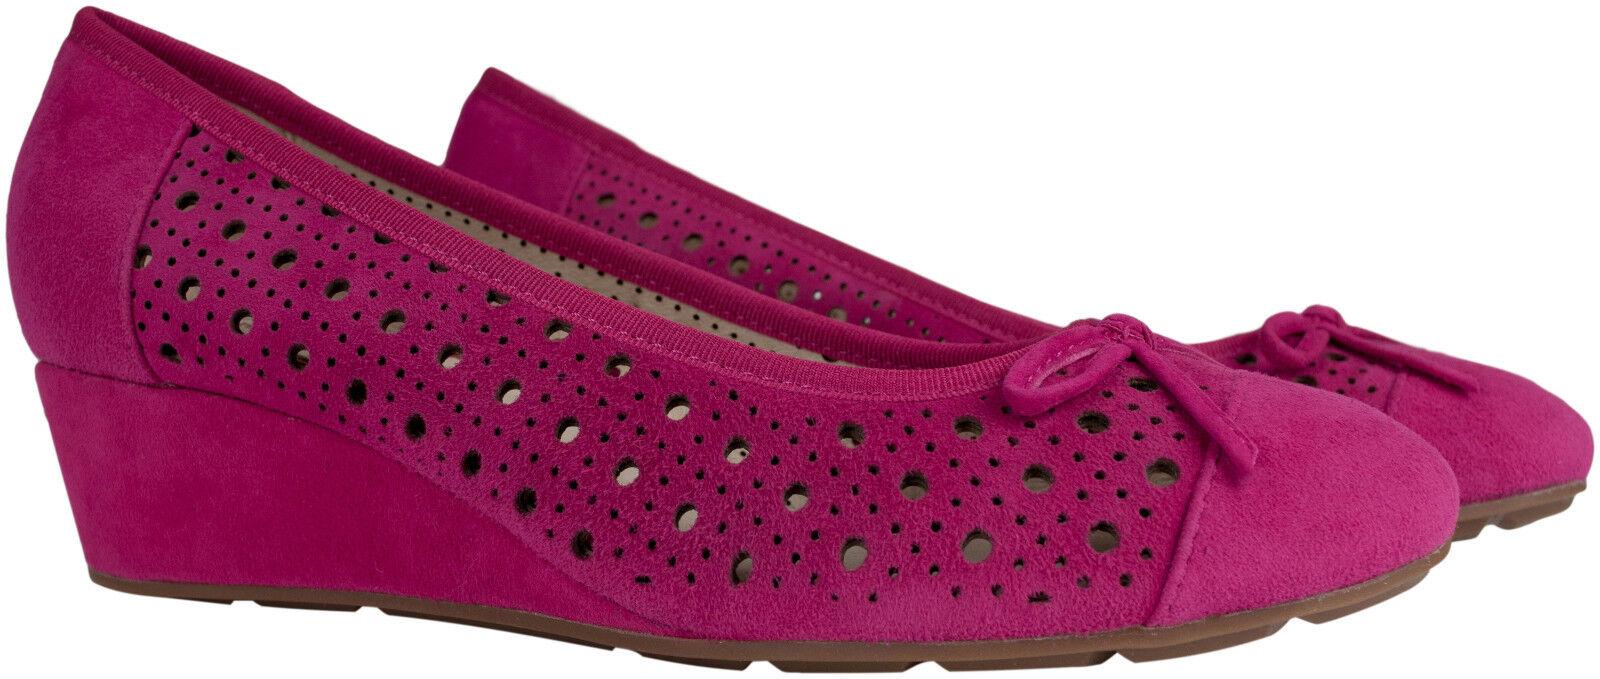 Wedge pumps rosado gamuza de de de cuero de cuero tacón de cuña individuales par talla 36 bucle  compras de moda online